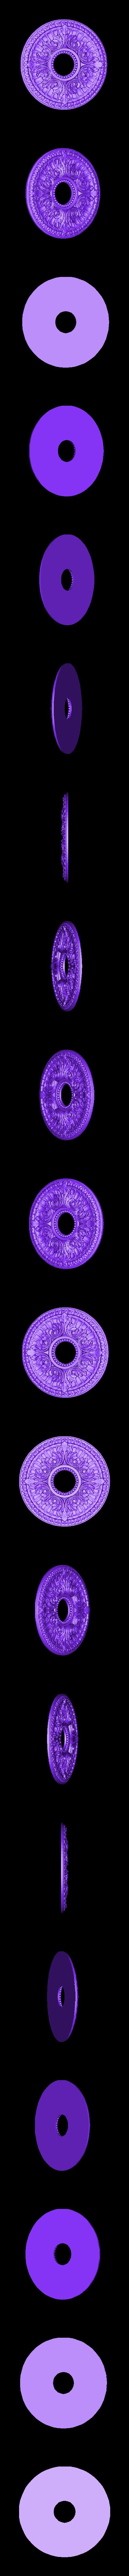 31.obj Télécharger fichier OBJ gratuit Moulures vintage pour vieux appartements classiques cnc art machine à router 3D printed • Modèle à imprimer en 3D, 3DPrinterFiles